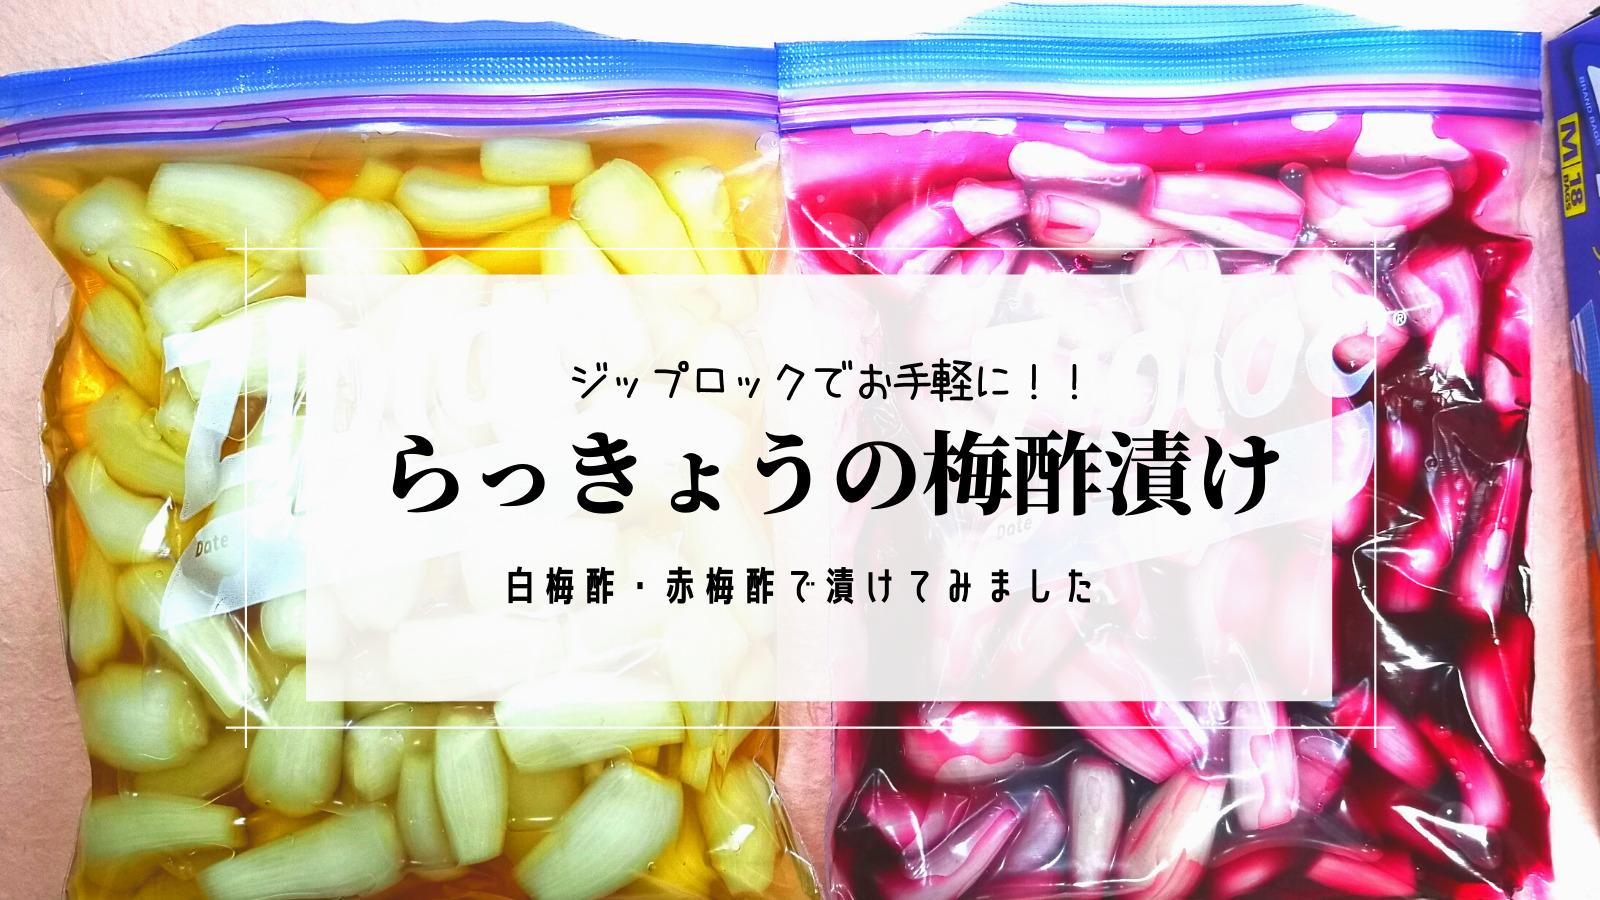 【らっきょうの梅酢漬け 500g/250g】ジップロック(キッチンバック)でお手軽に!